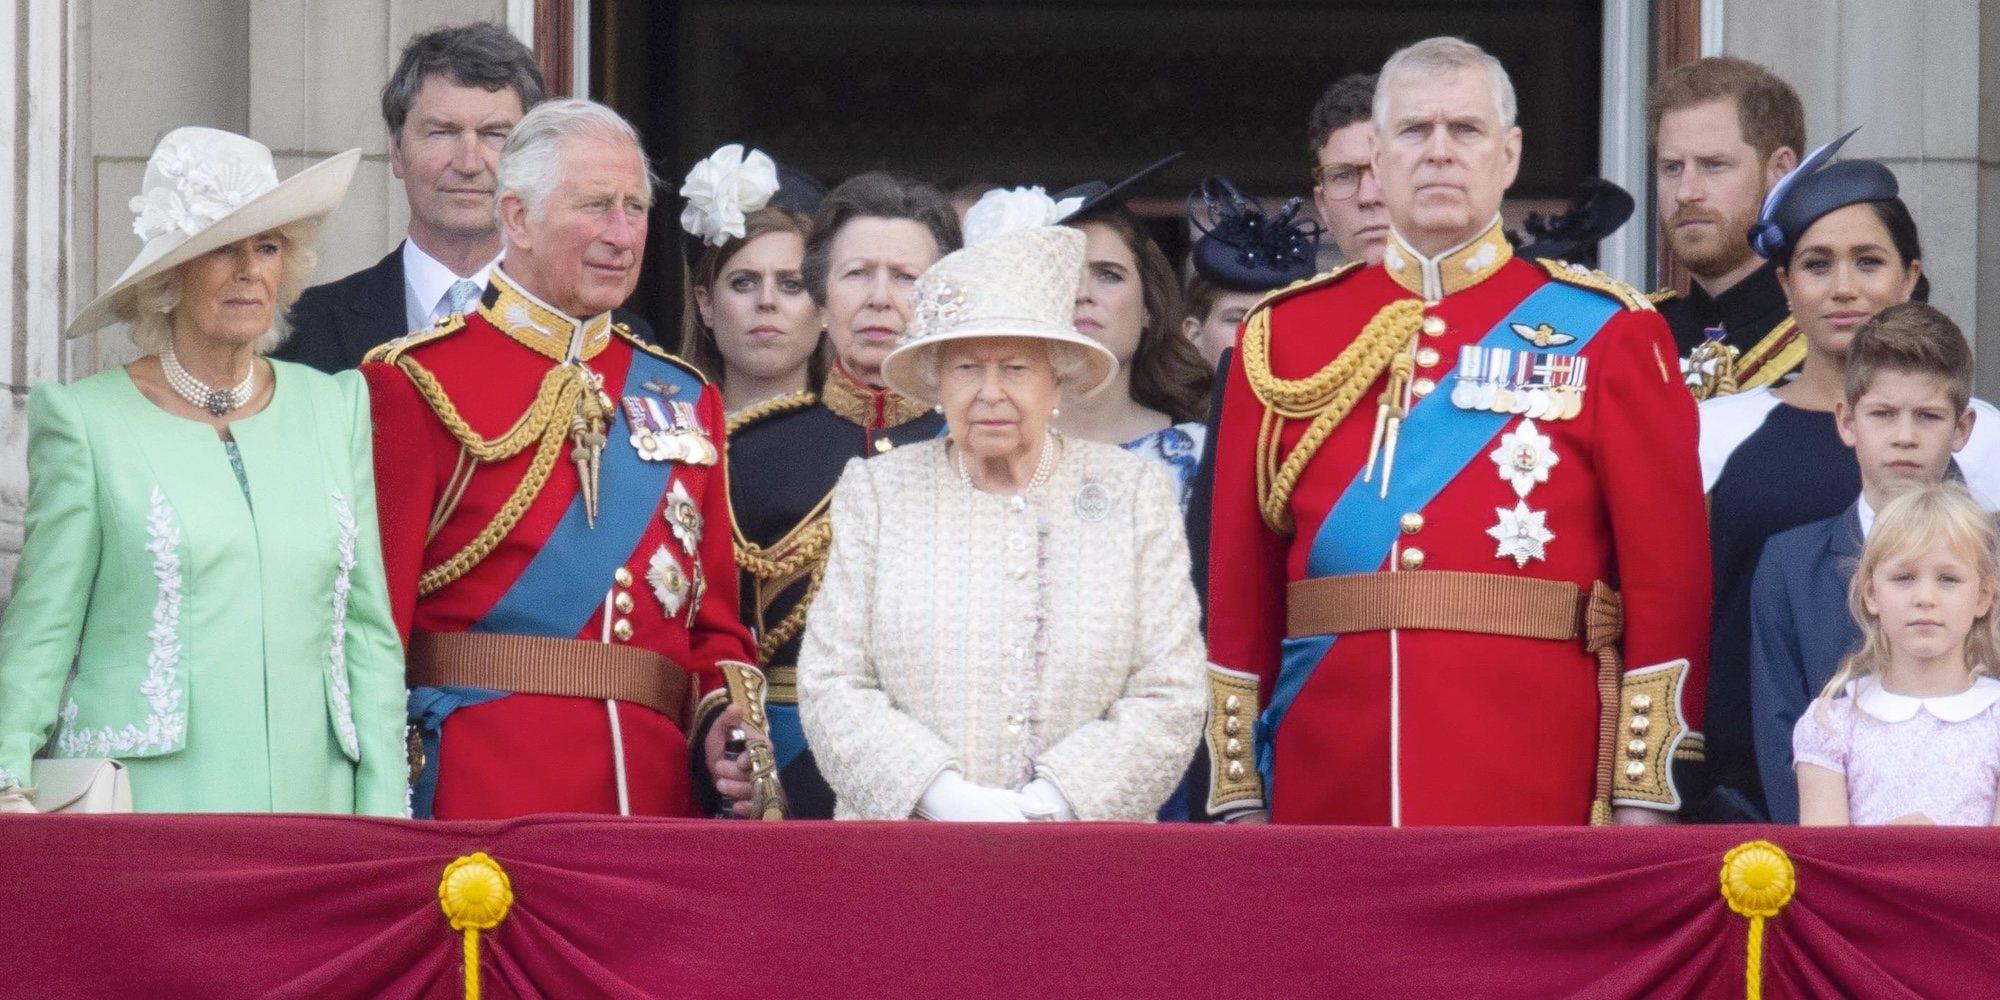 La retirada del Príncipe Andrés hace revivir la peor crisis que sacudió a la Familia Real Británica